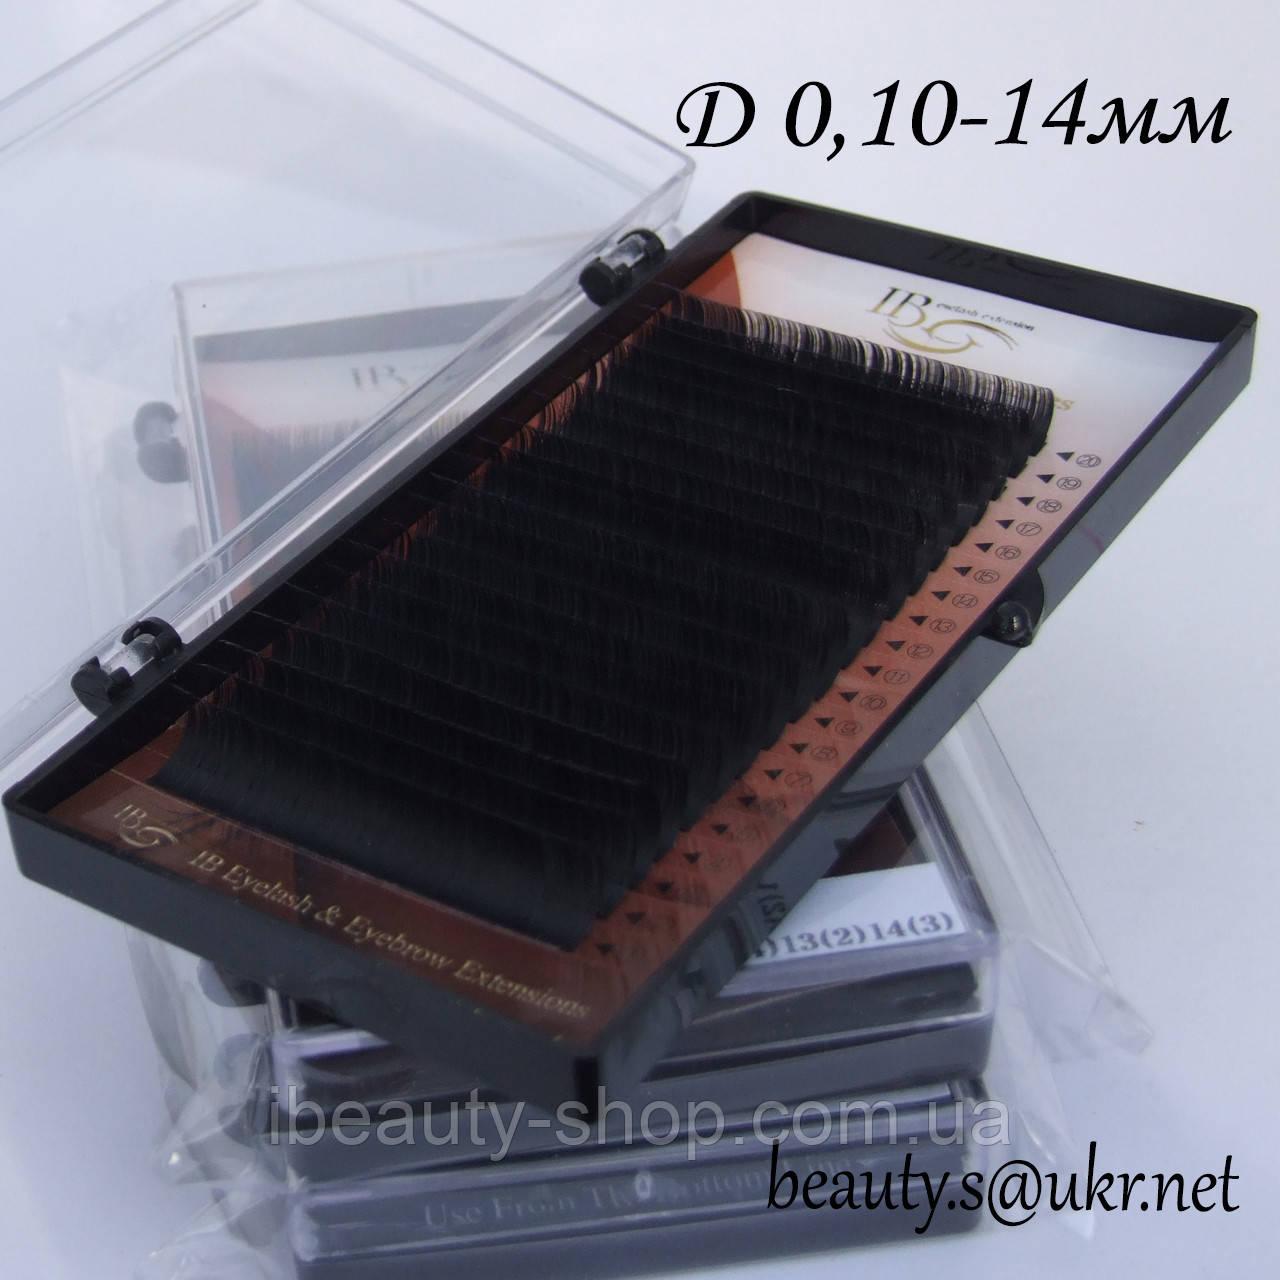 Вії I-Beauty на стрічці D-0,10 14мм